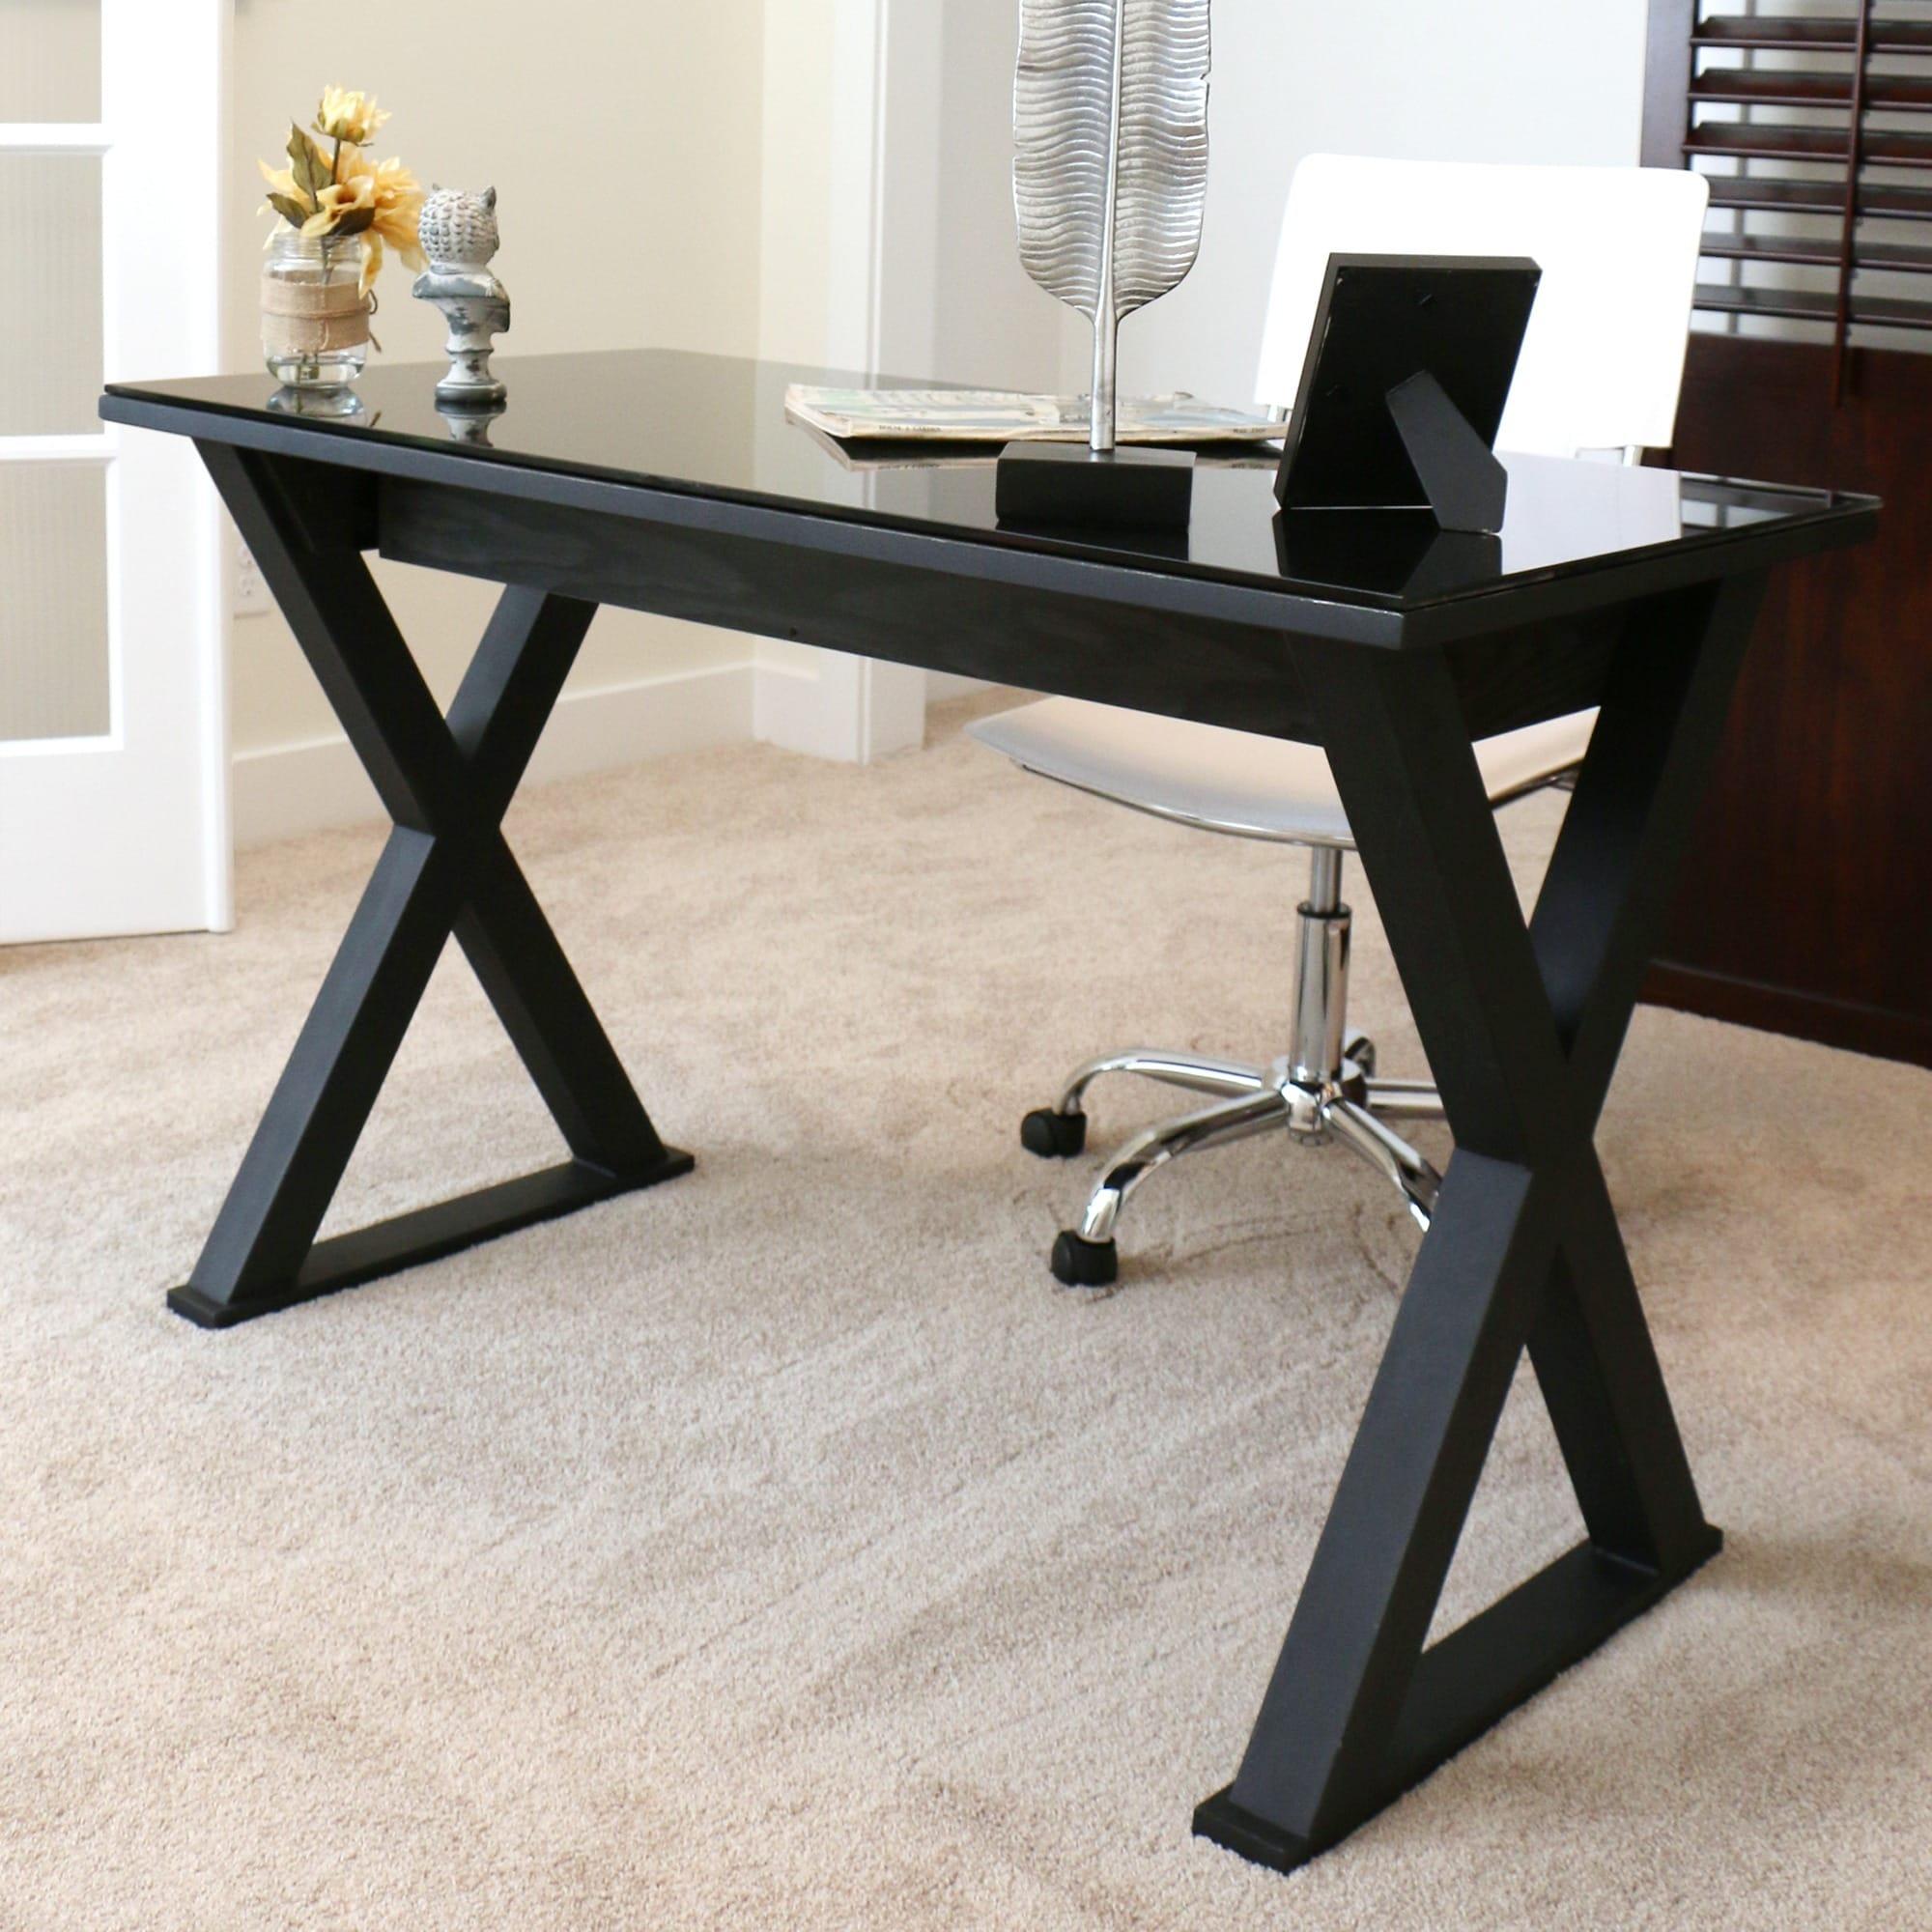 48 Inch Black Glass Computer Desk - On Sale - Free Shipping XHYZEWZ